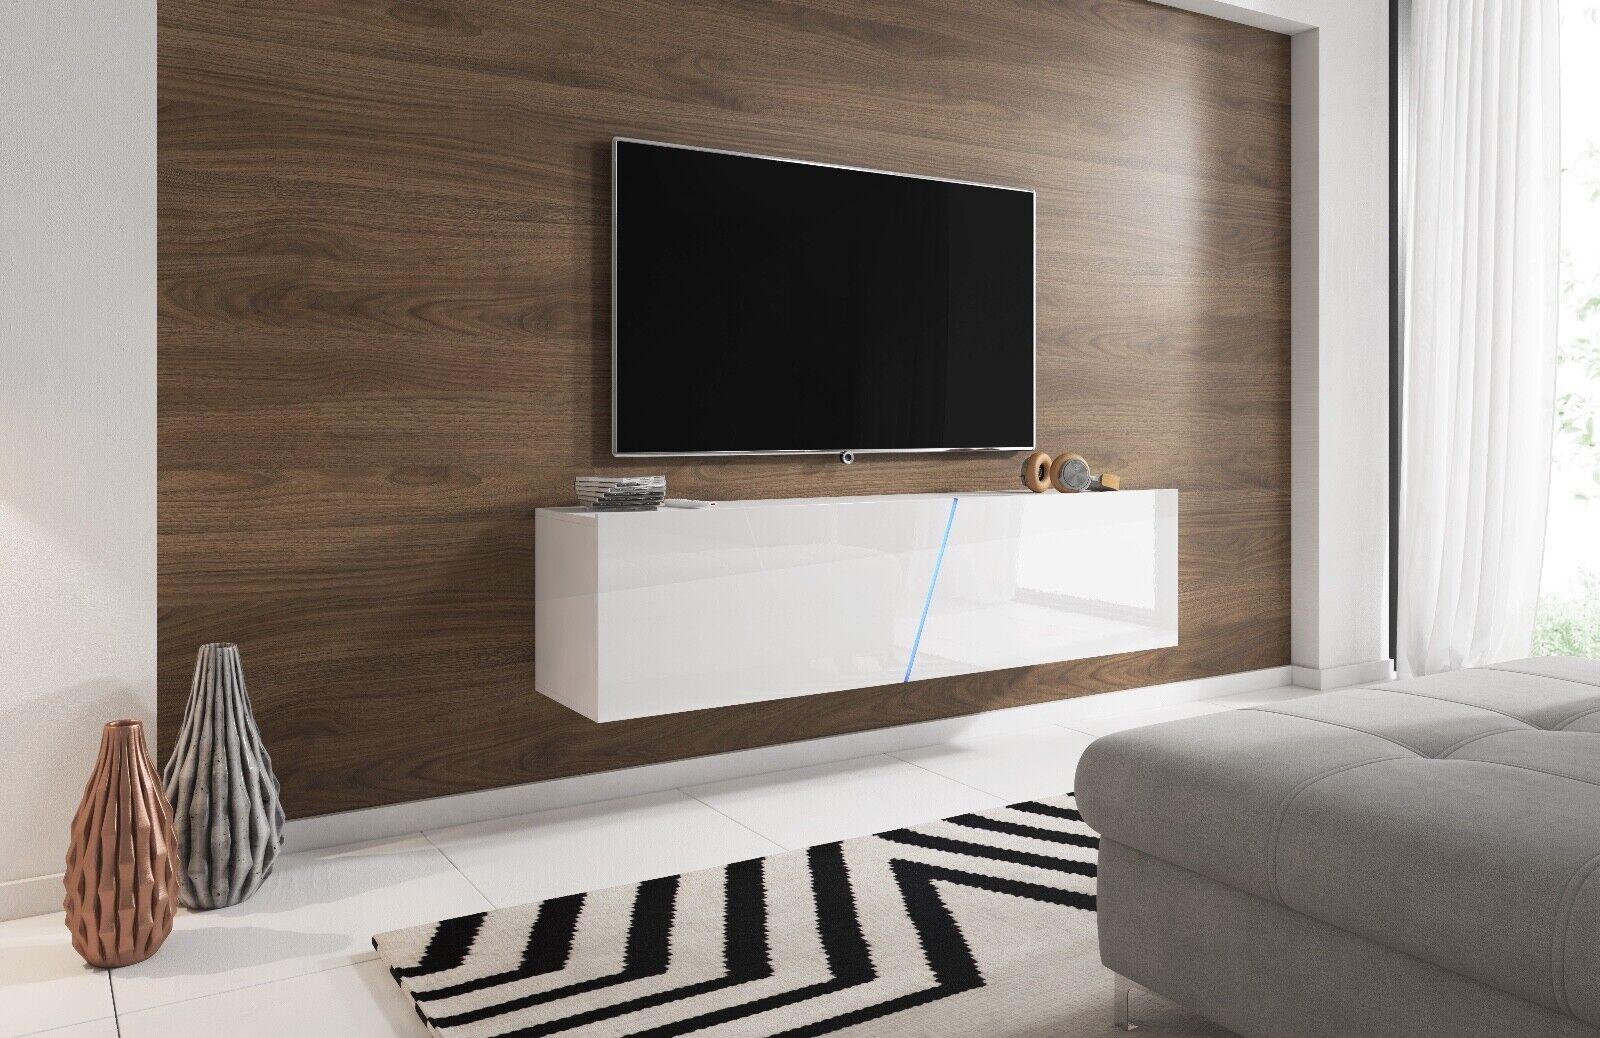 Sideboard Lowboard TV Fernsehschrank SLAMT 160 cm Kommode inkl LED Highboard